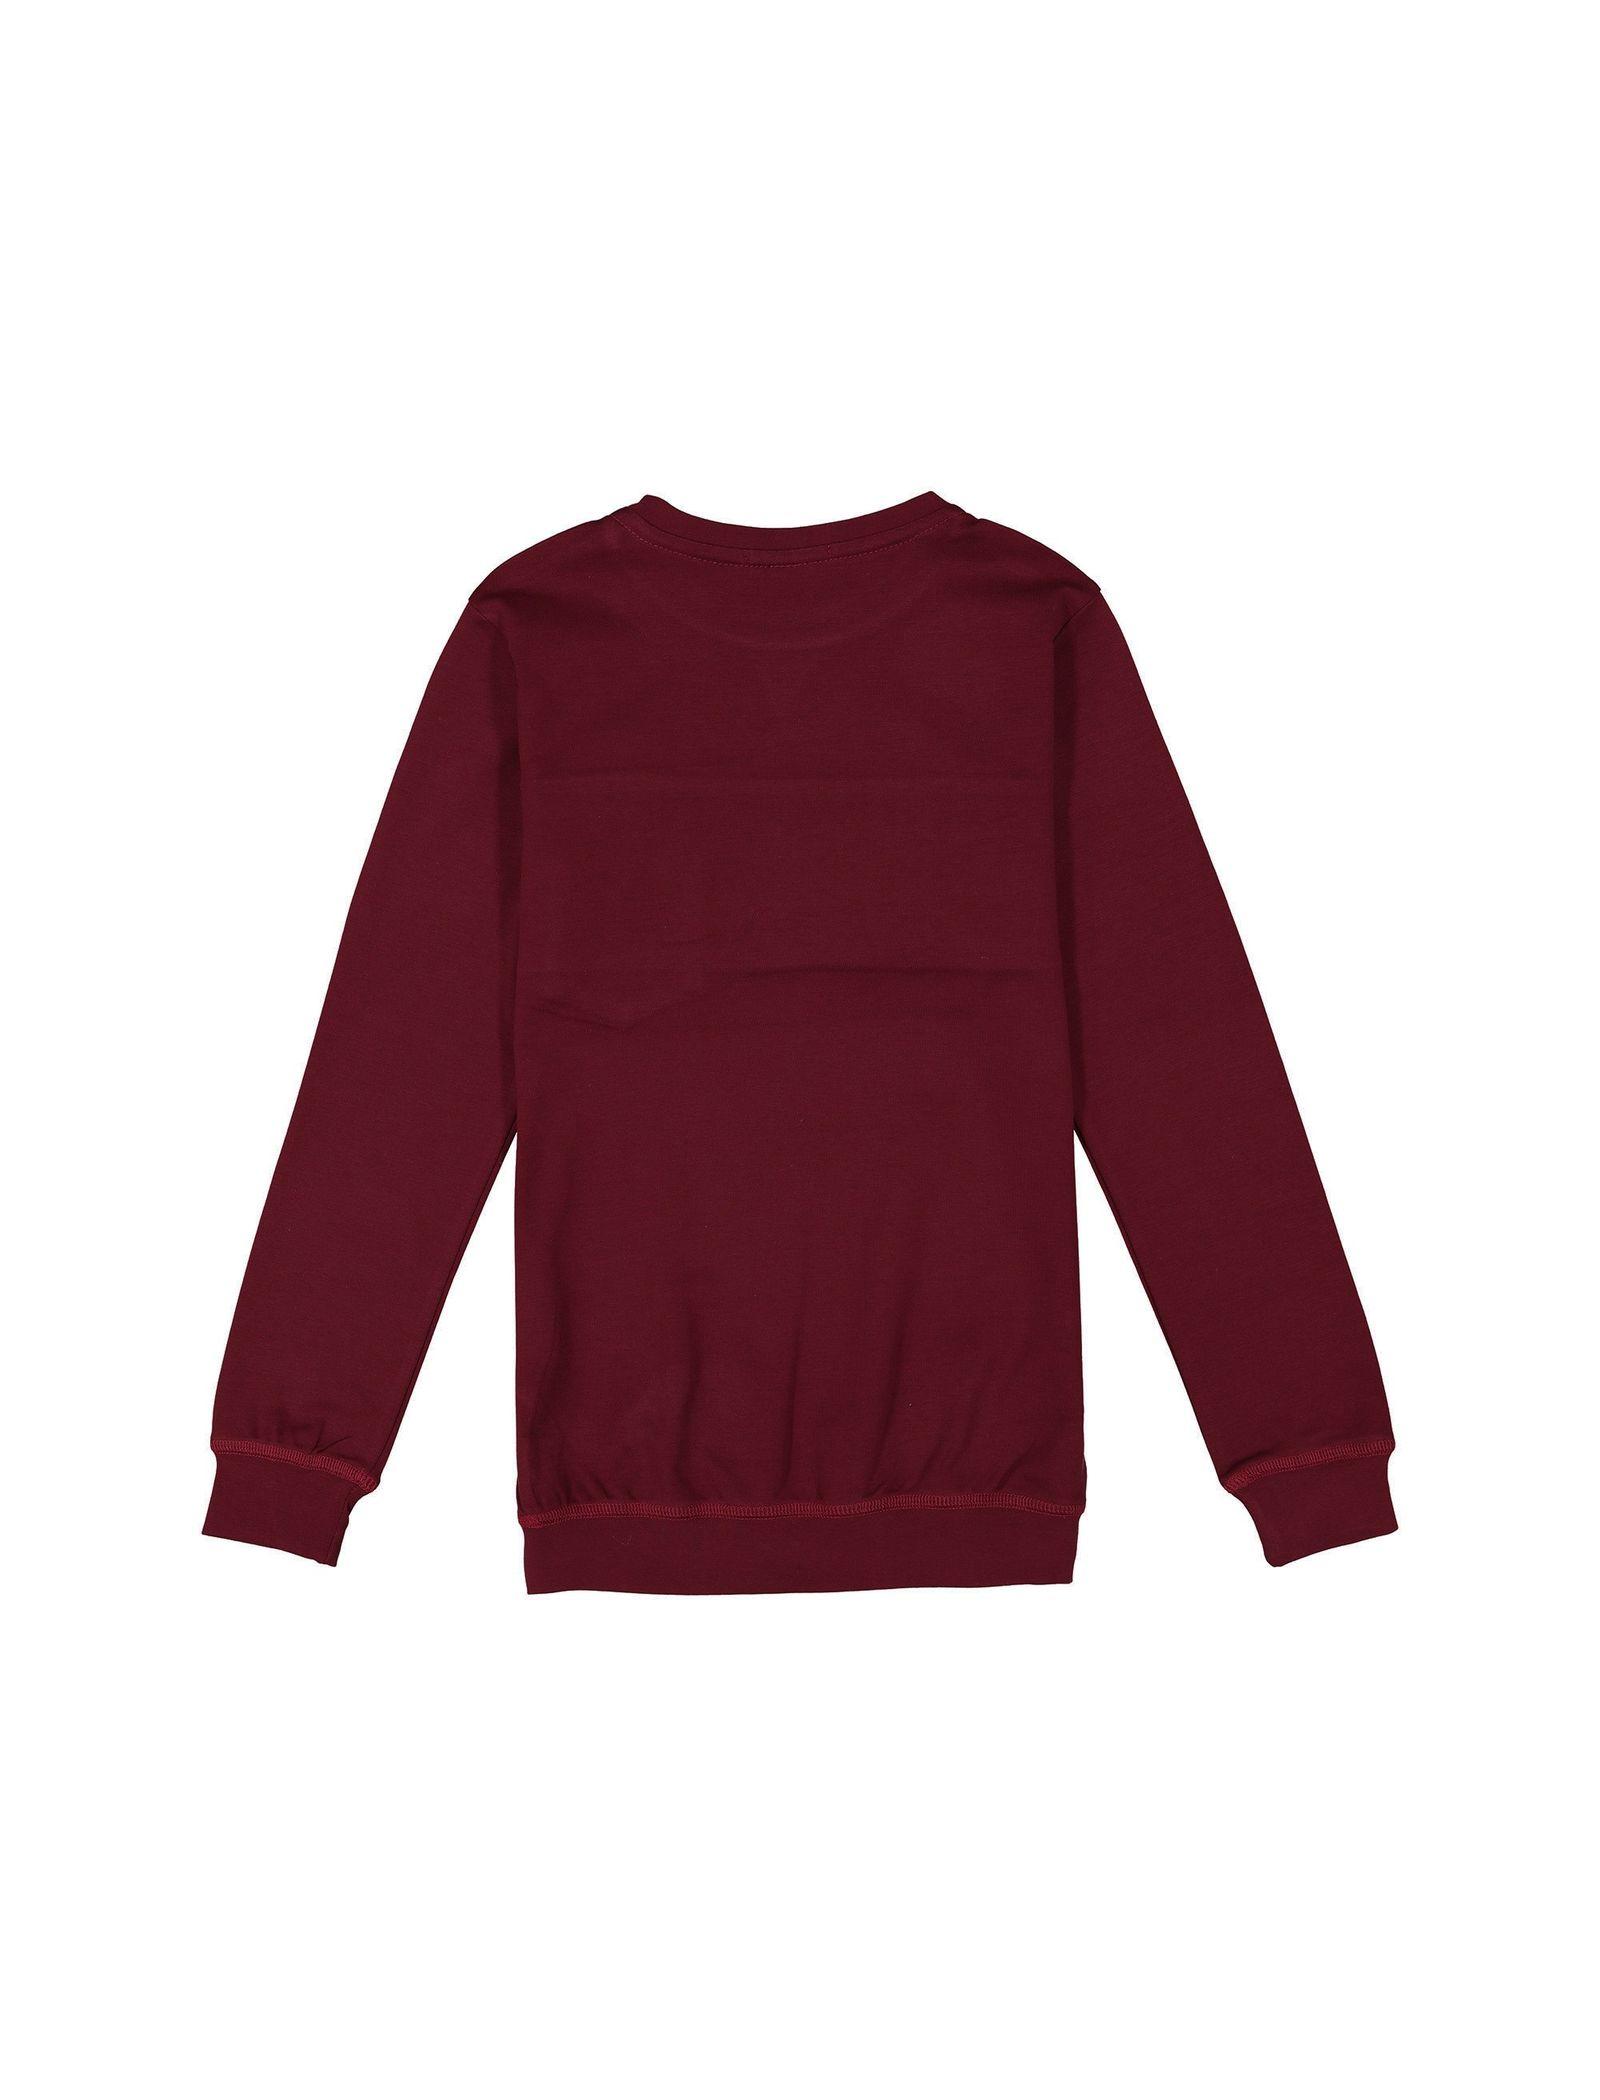 تی شرت نخی آستین بلند دخترانه - پیانو - زرشکي - 2